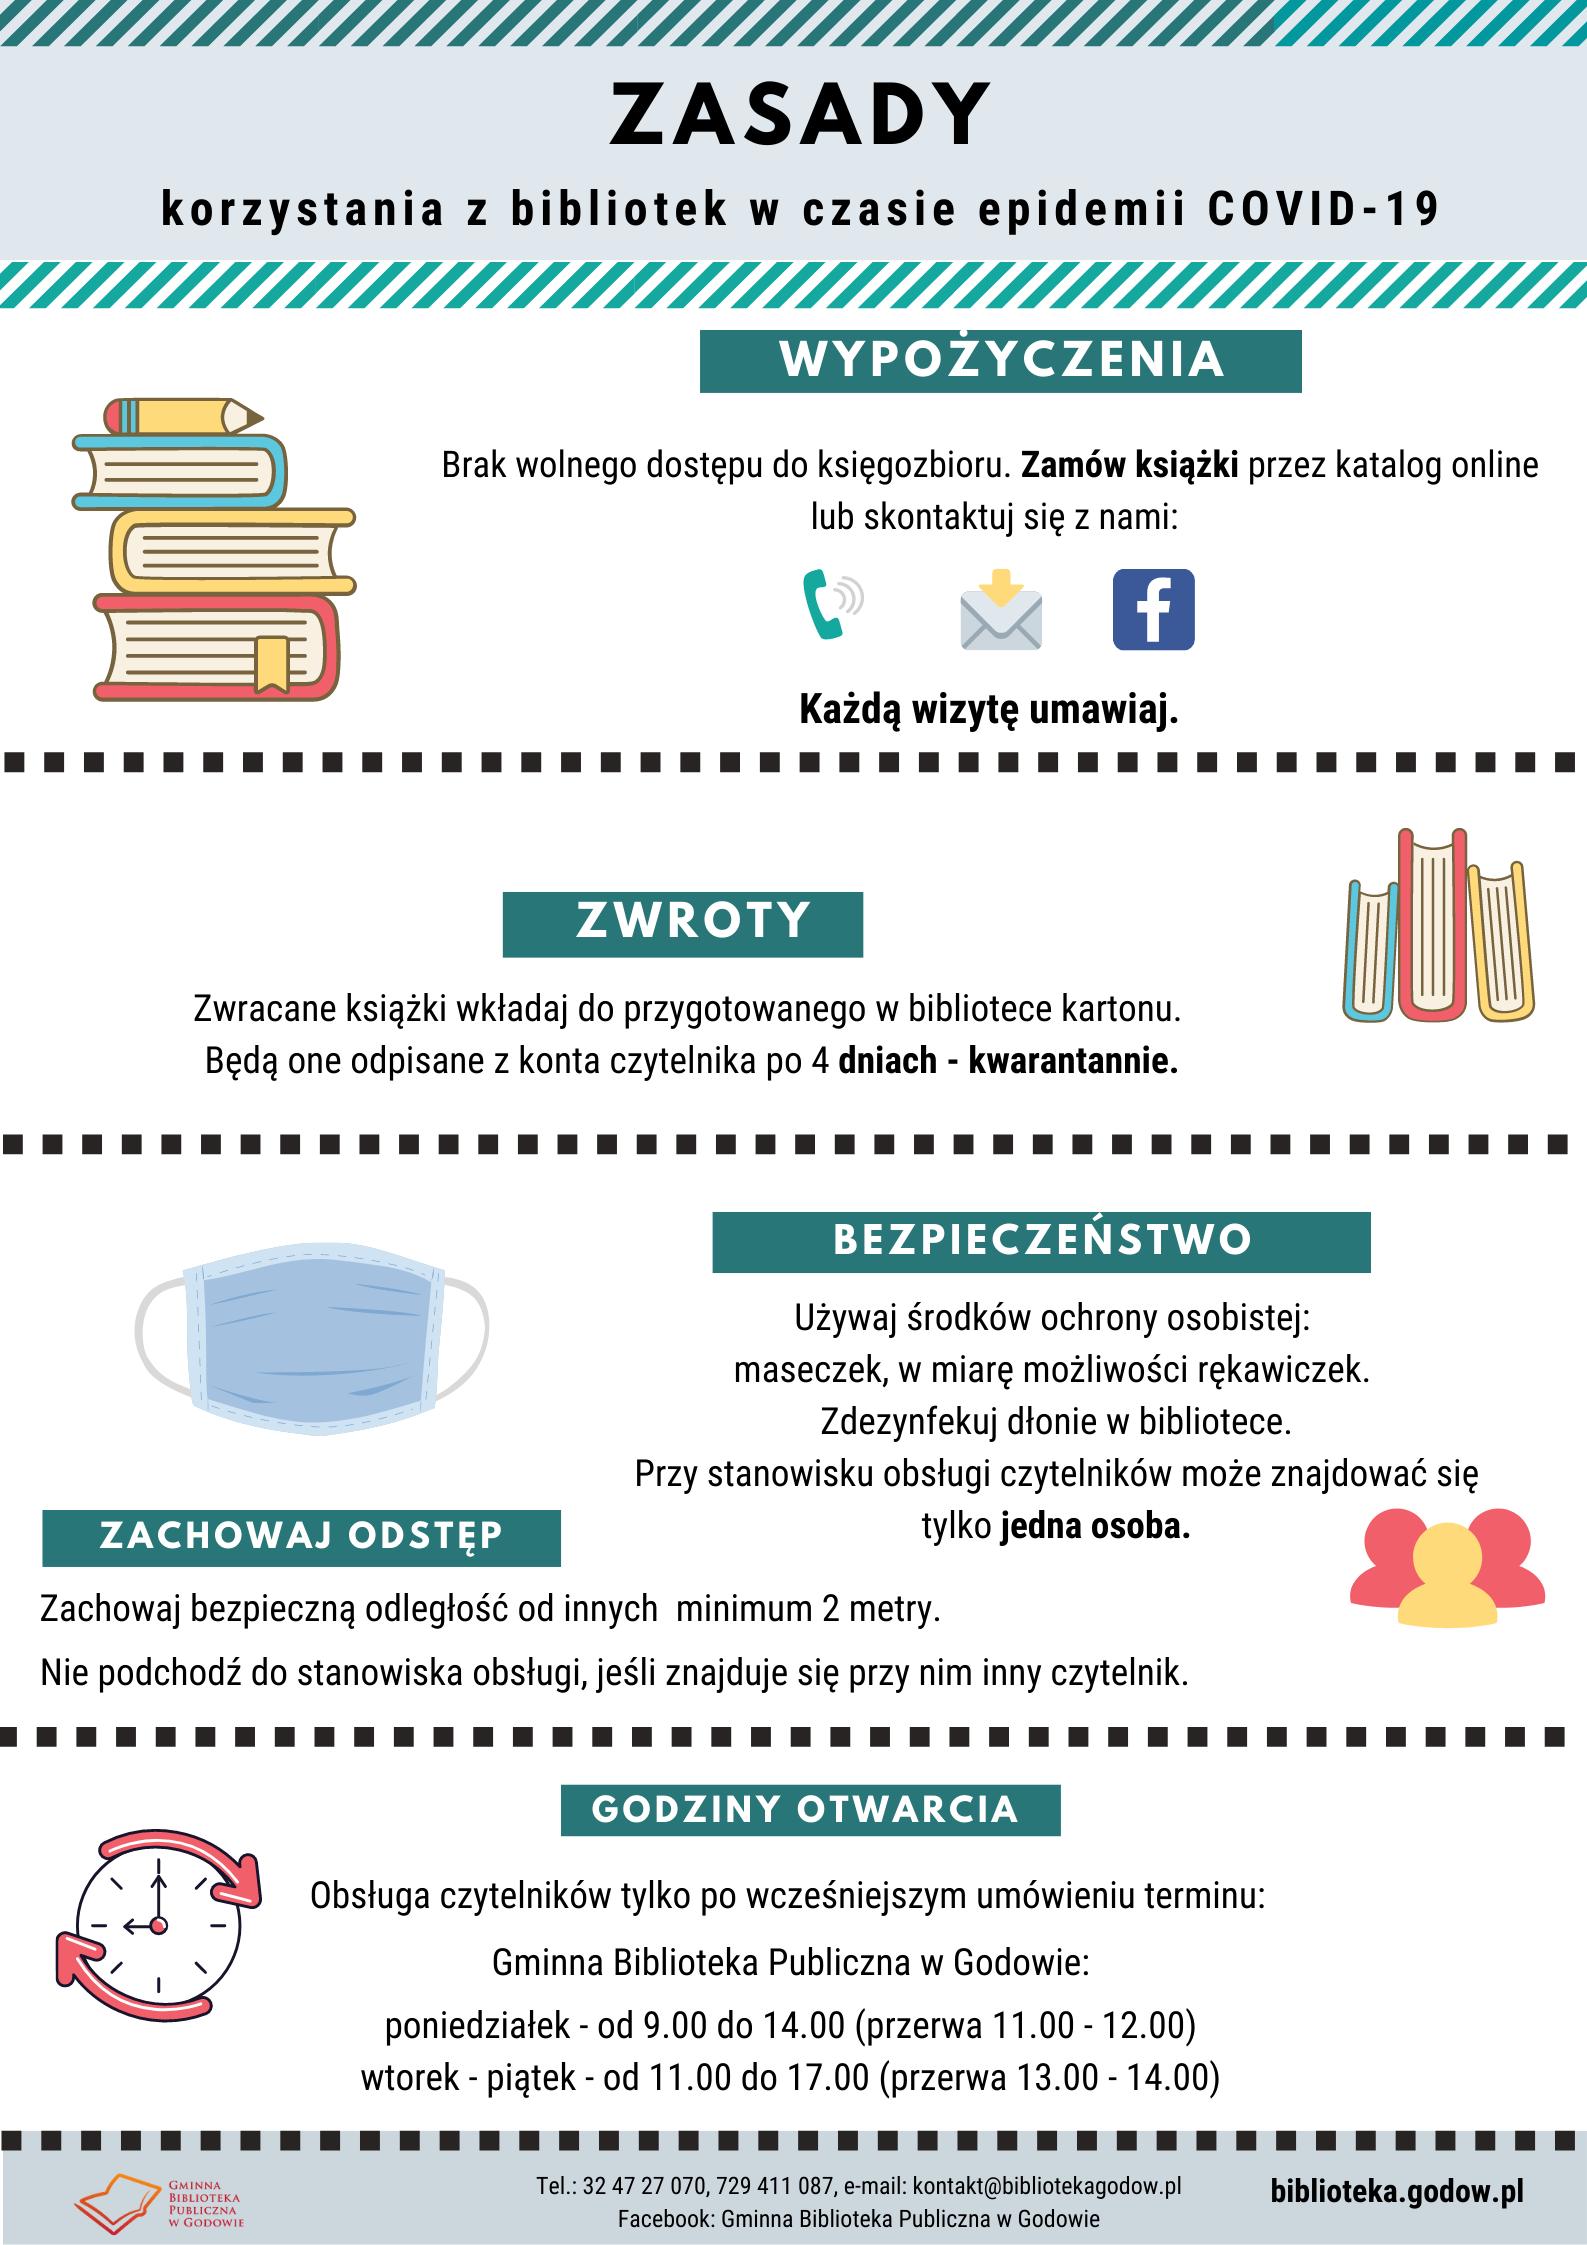 Zasady korzystania z bibliotek w czasie epidemii COVID-19